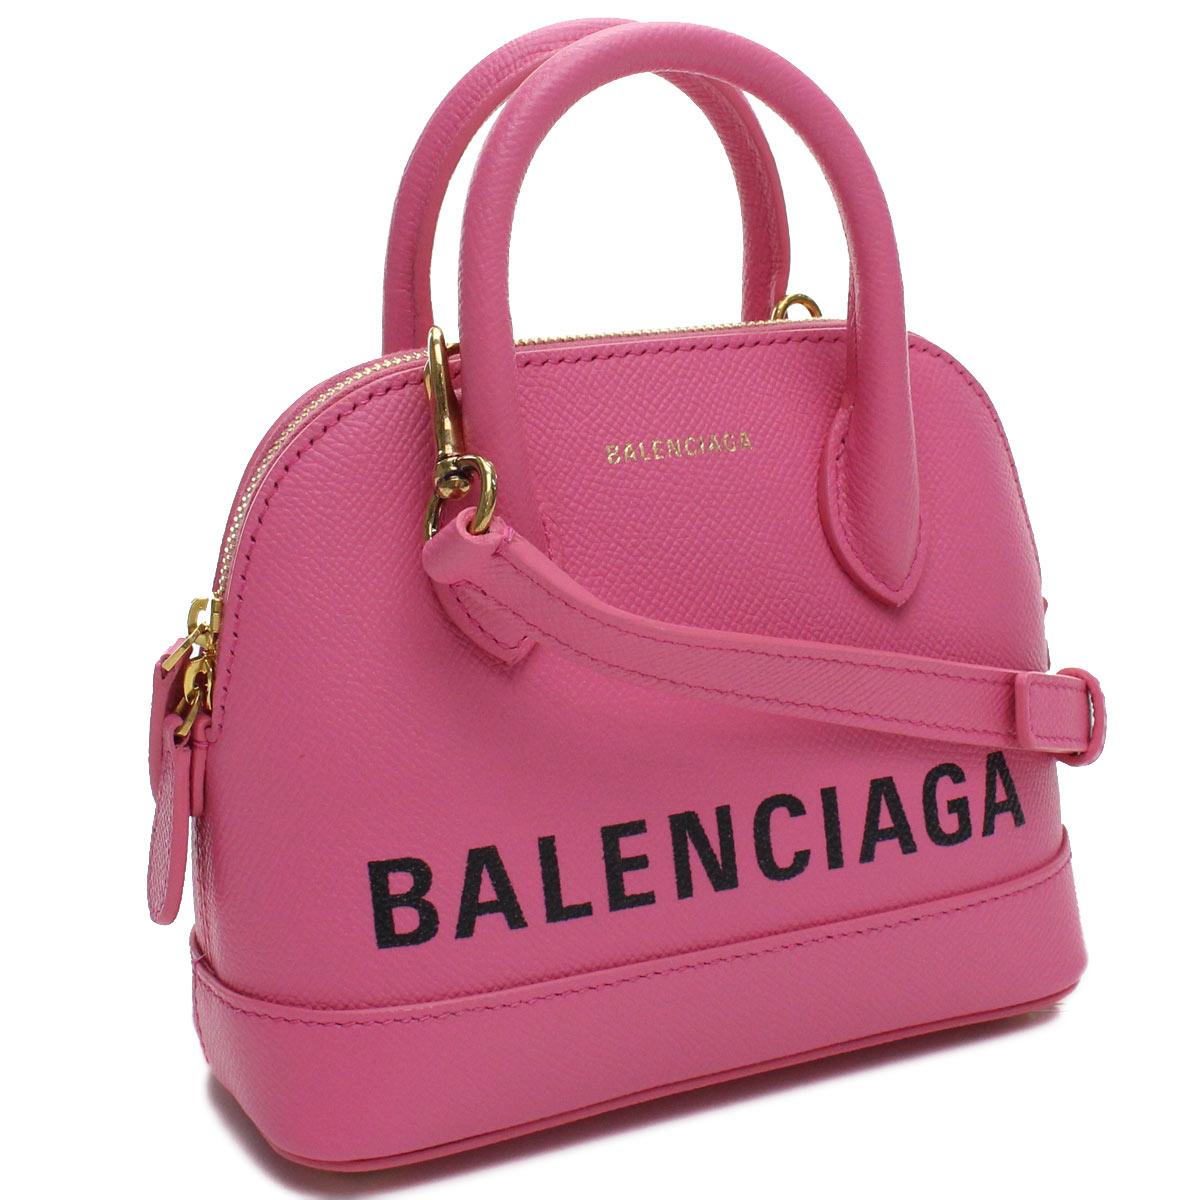 バレンシアガ BALENCIAGA VILLE ヴィル トップハンドル XXS 2way ハンドバッグ 550646 0OTDM 5560 ピンク系 レディース